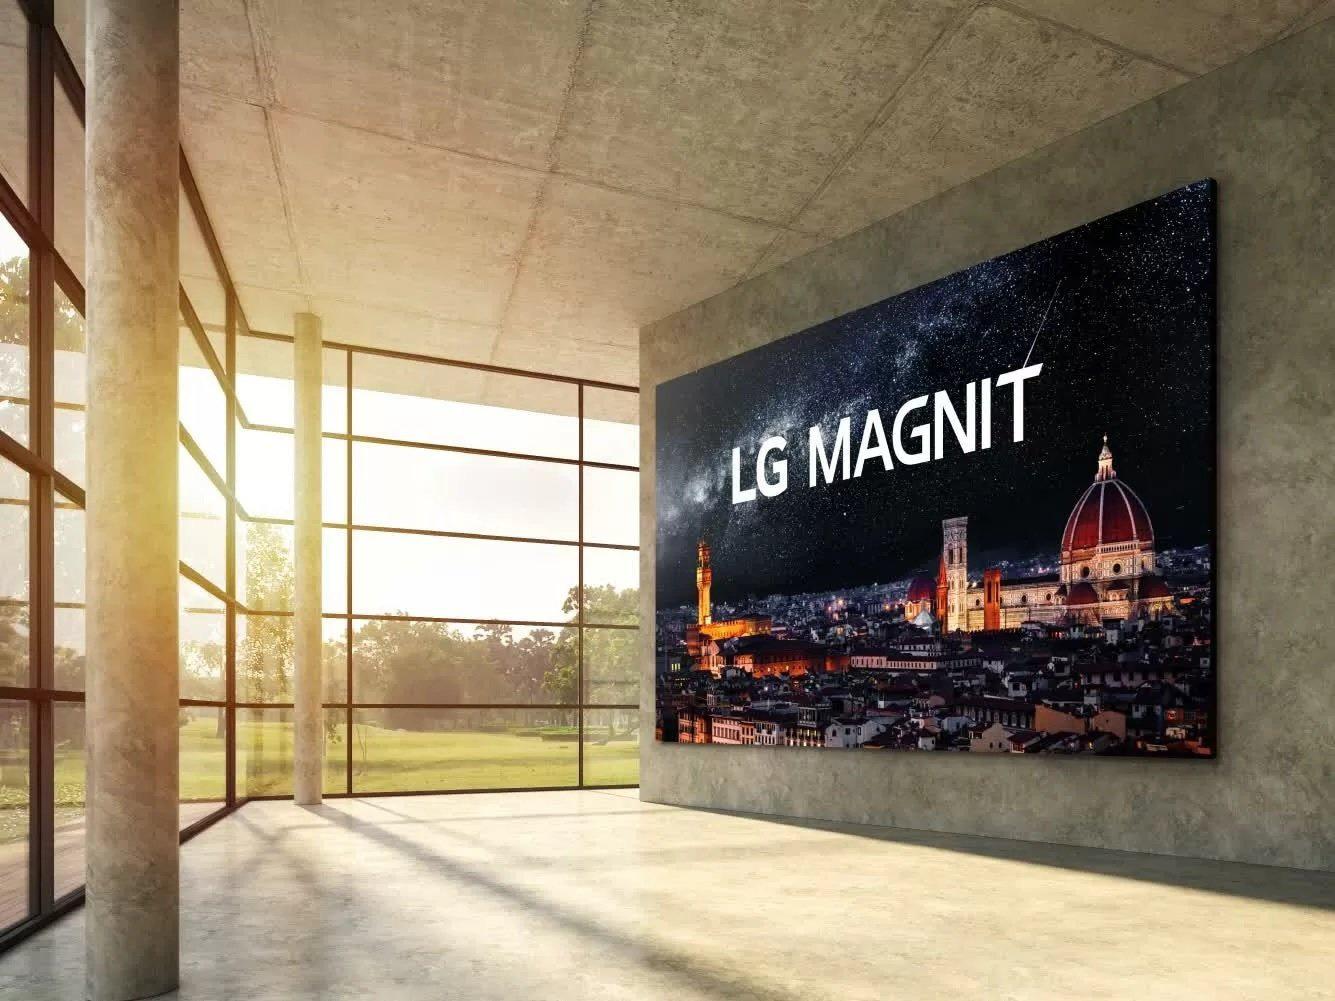 TV LG Magnit màn hình microLED